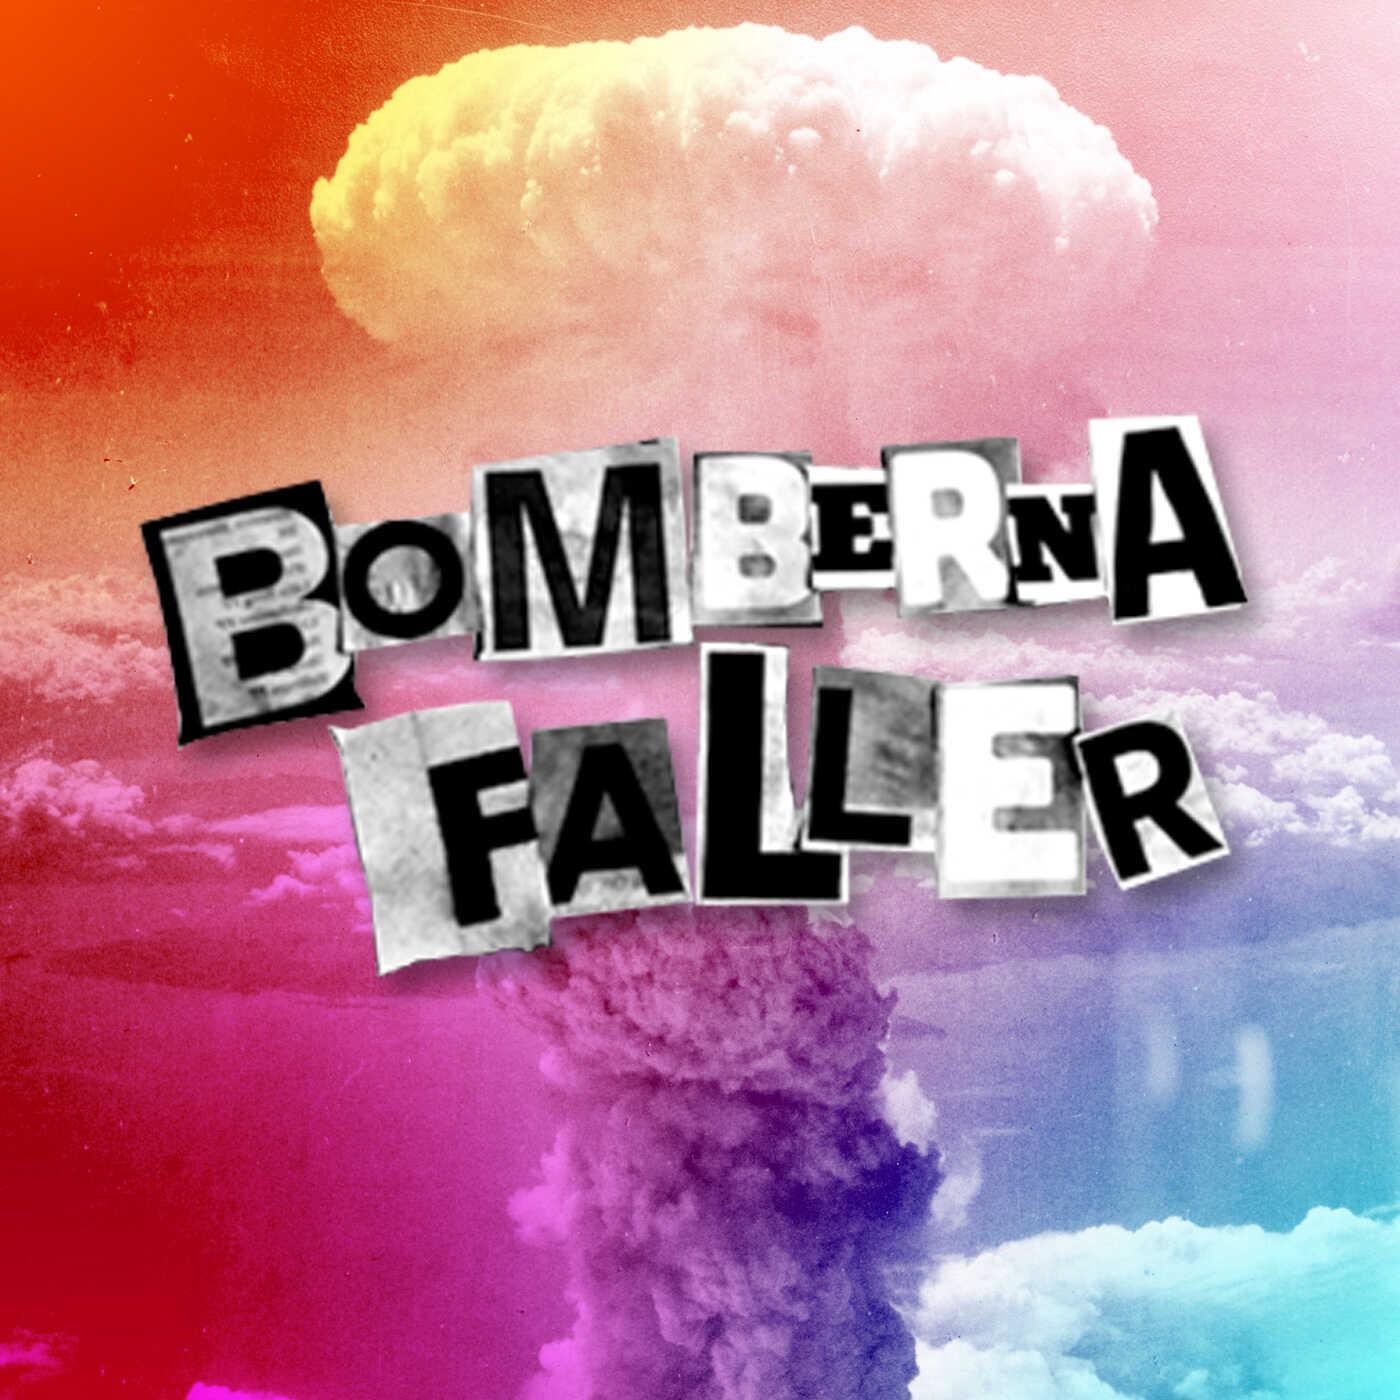 BOMBERNA FALLER